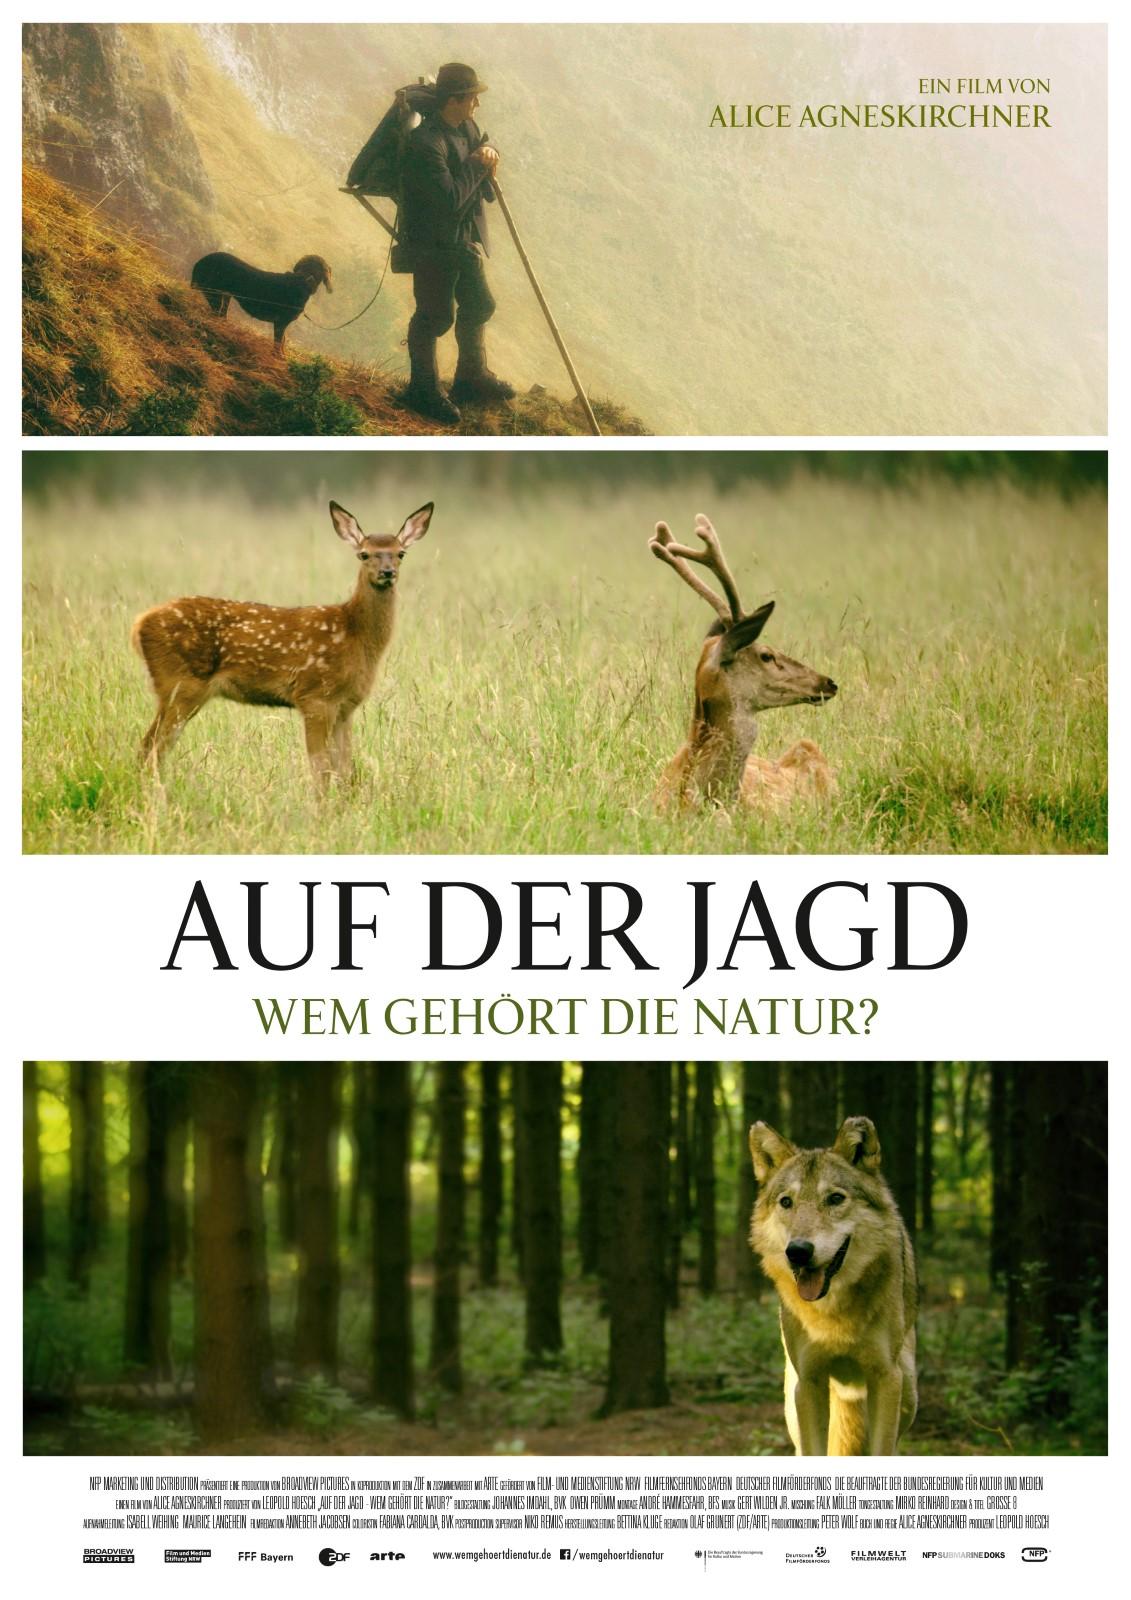 Weilmünster Kino kinoprogramm für auf der jagd wem gehört die natur in weilmünster